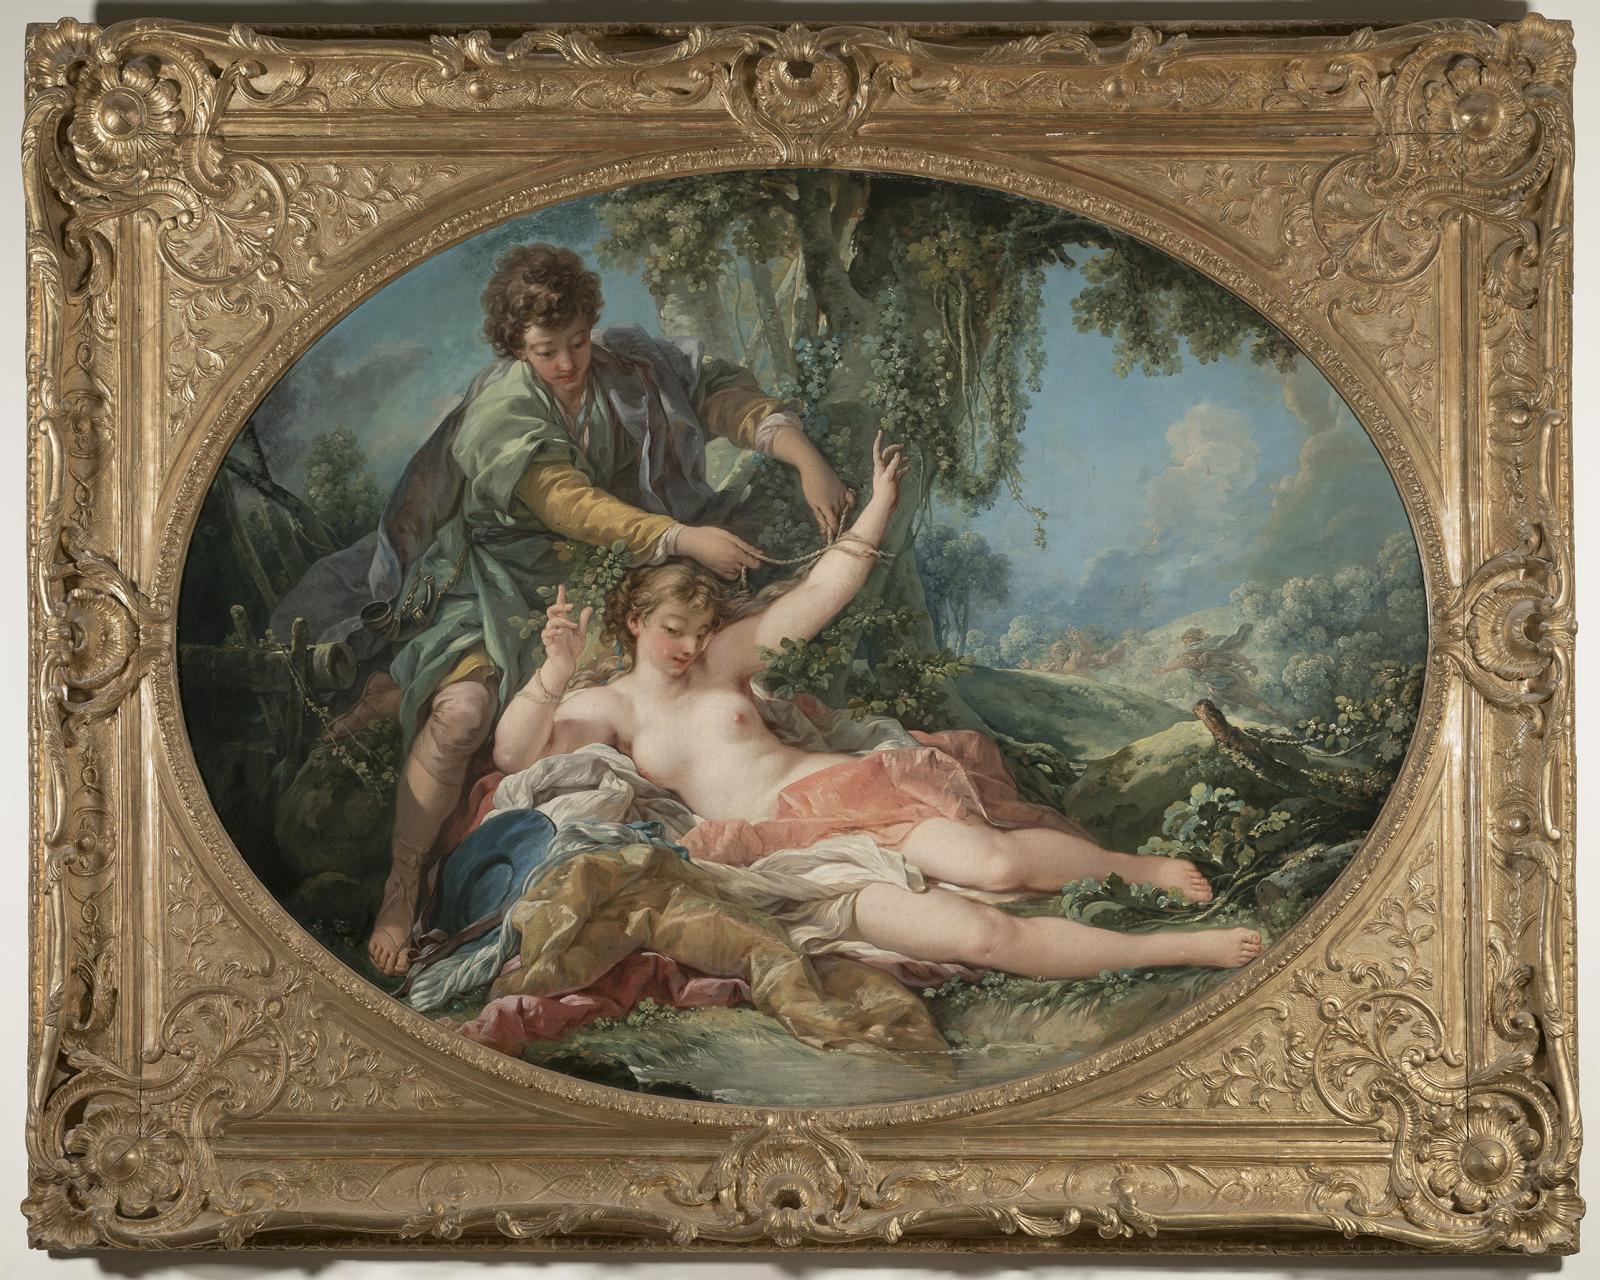 François Boucher, Aminte délivrant Sylvie surprise par un satyre, 1755.